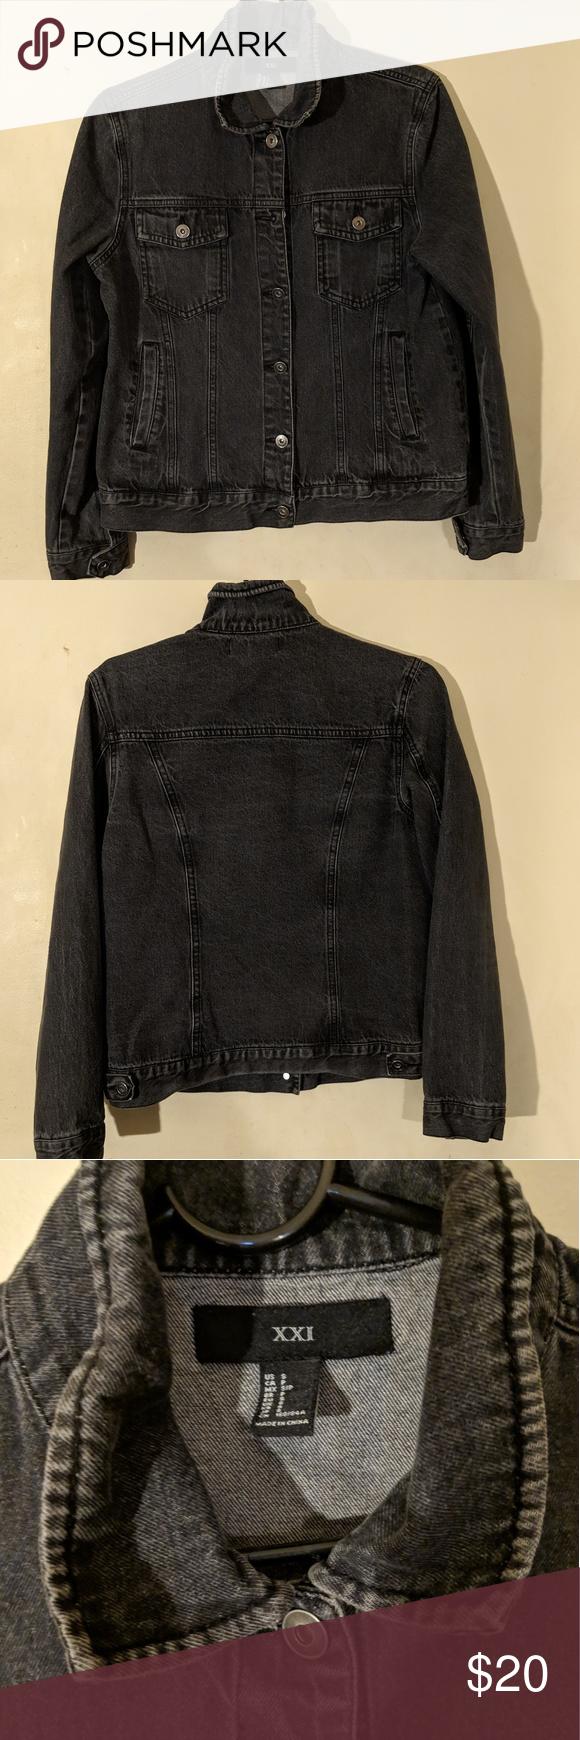 Women S Xxi Jean Jacket Denim Jacket Women Denim Women Jackets [ 1740 x 580 Pixel ]